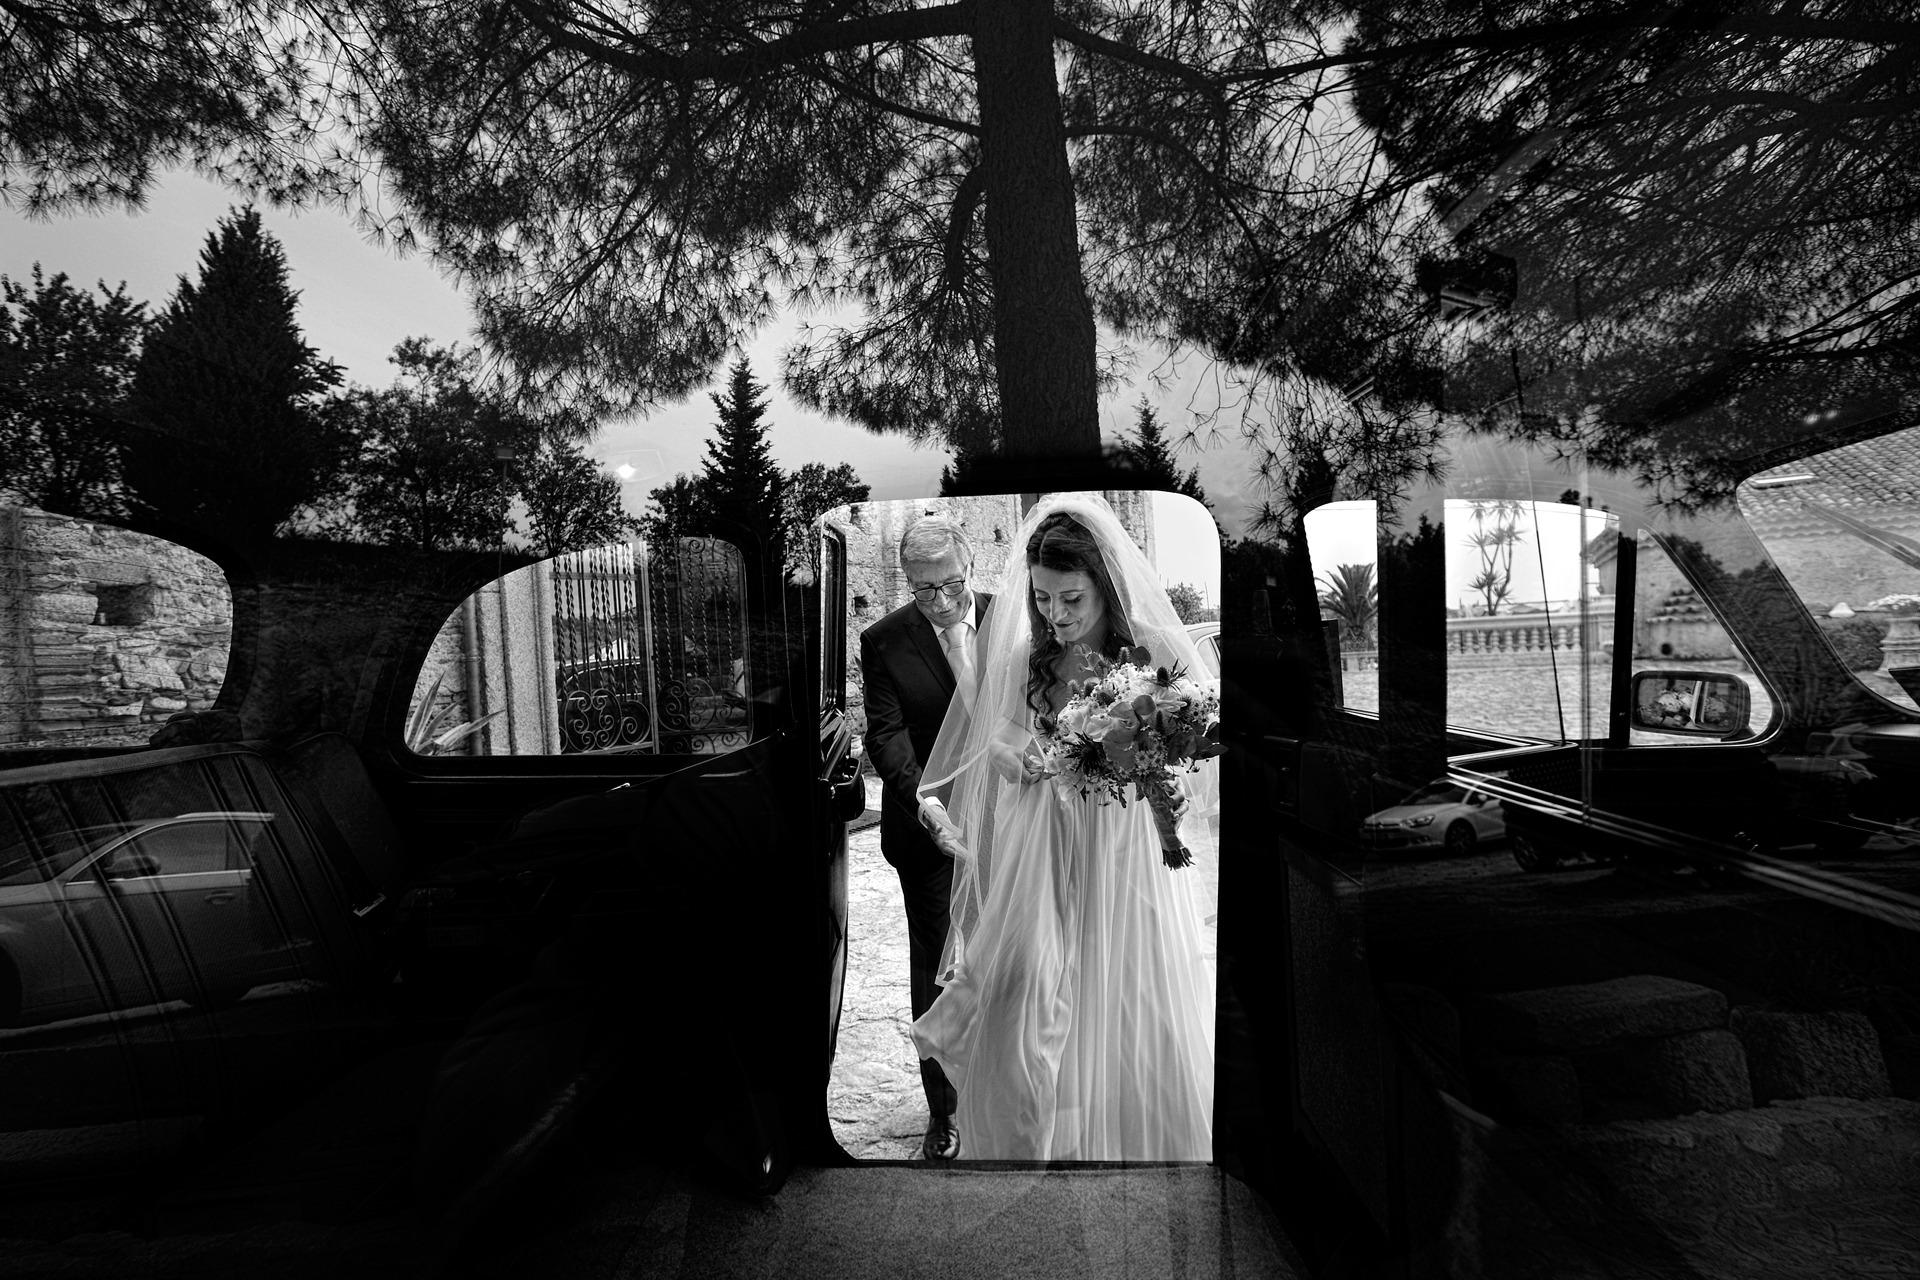 Danilo Coluccio, di Reggio Calabria, è un fotografo di matrimoni per